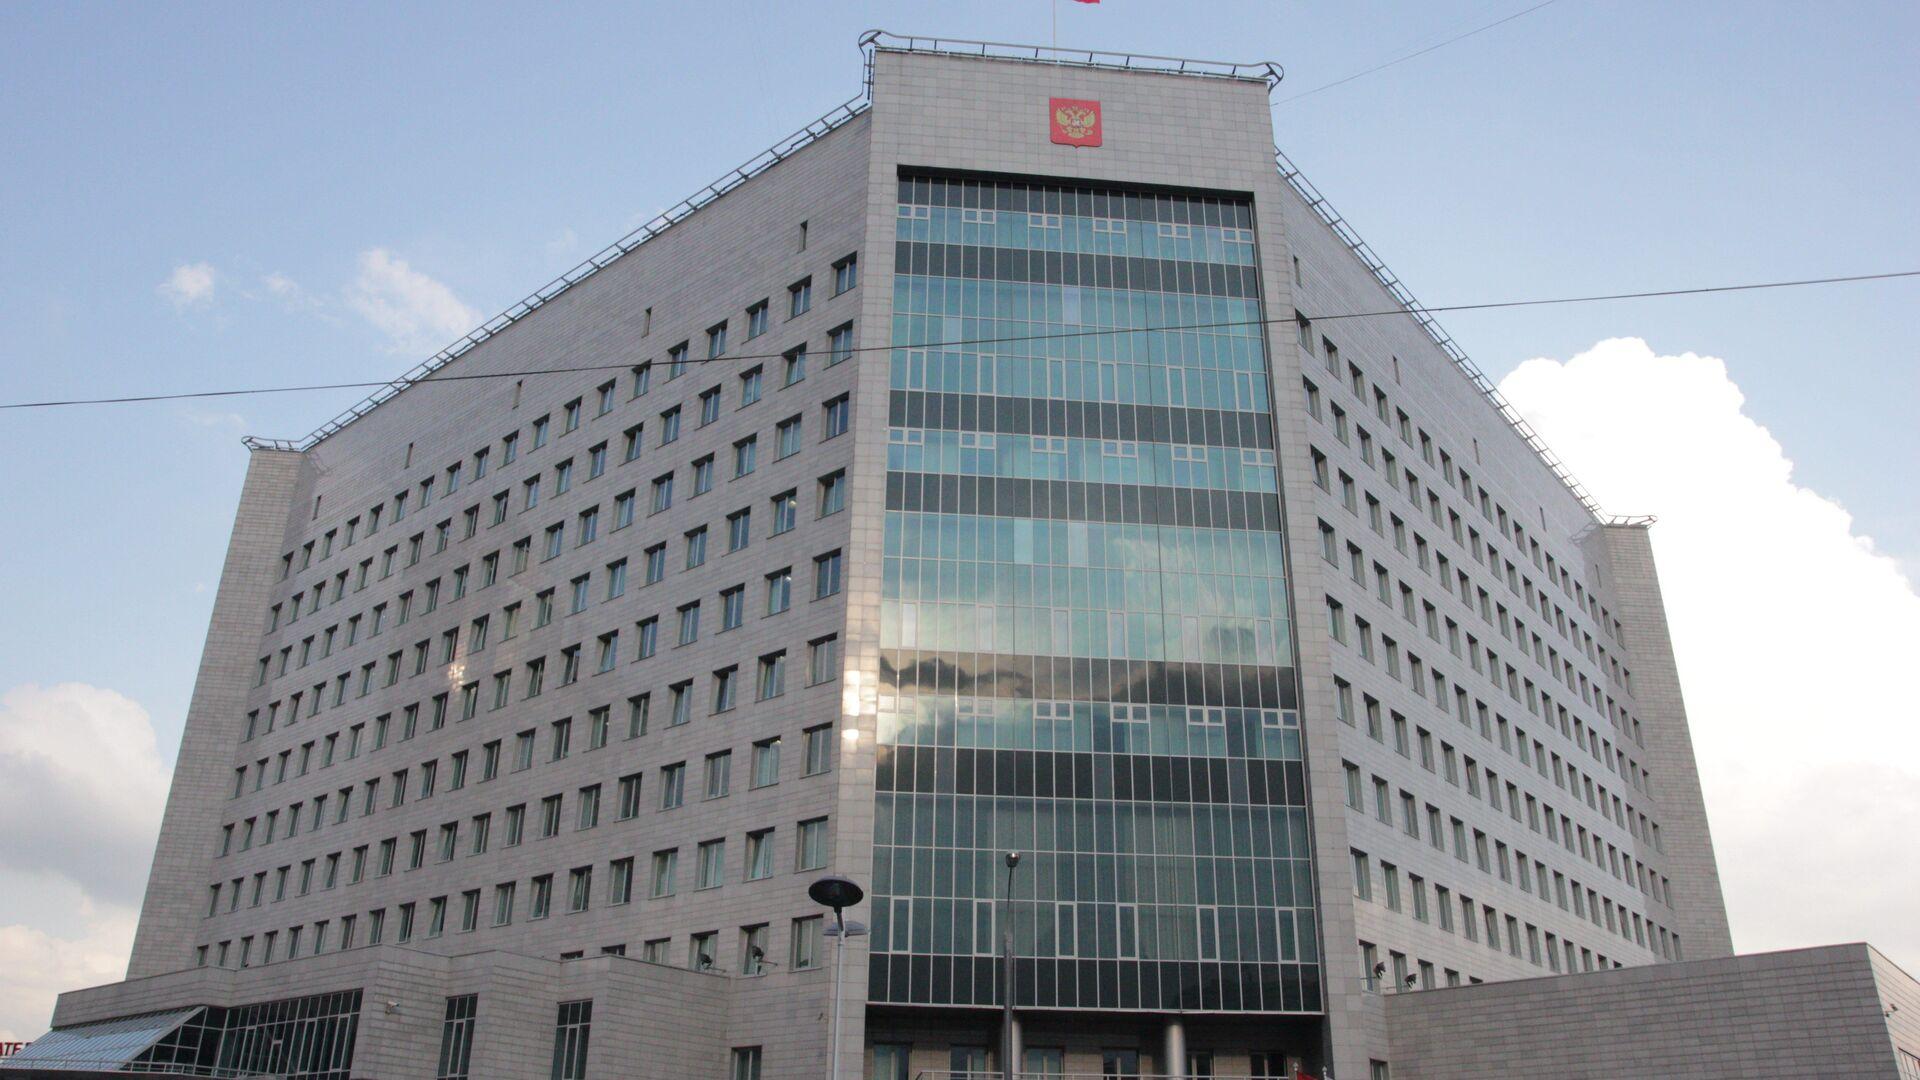 Арбитражный суд Москвы - РИА Новости, 1920, 06.08.2020